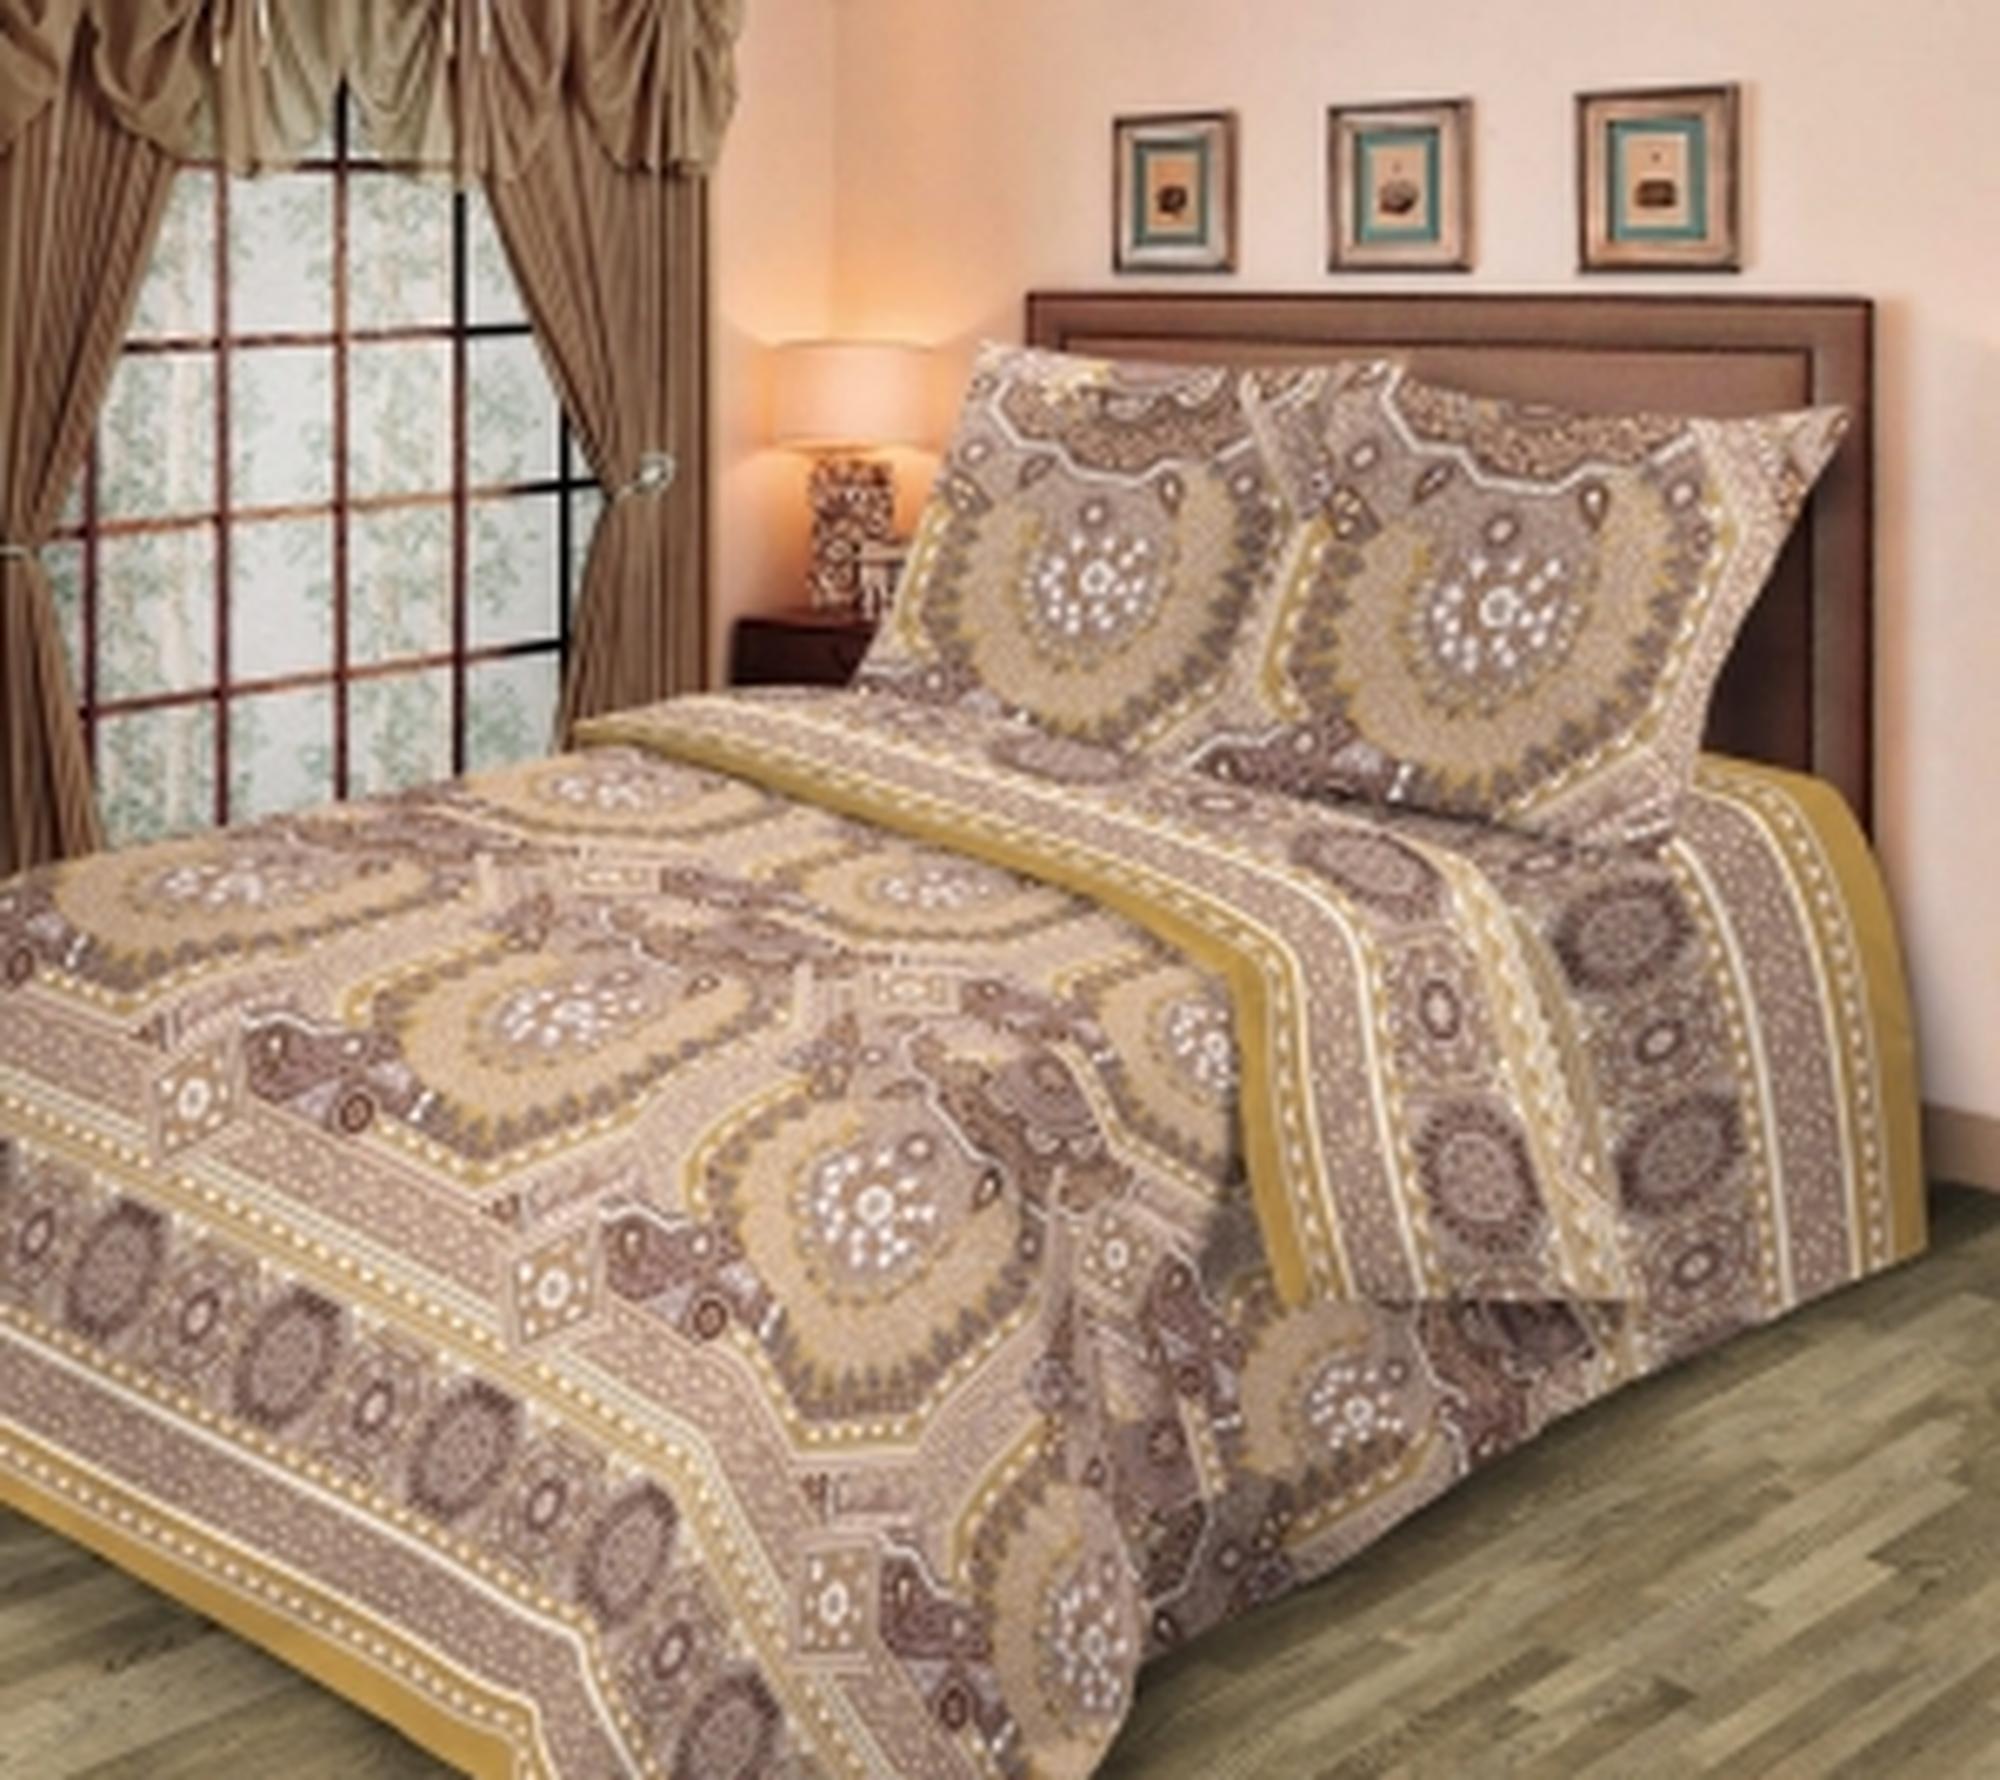 Текс Дизайн Комплект постельного белья «Баллада 1» евро, 4 предмета.